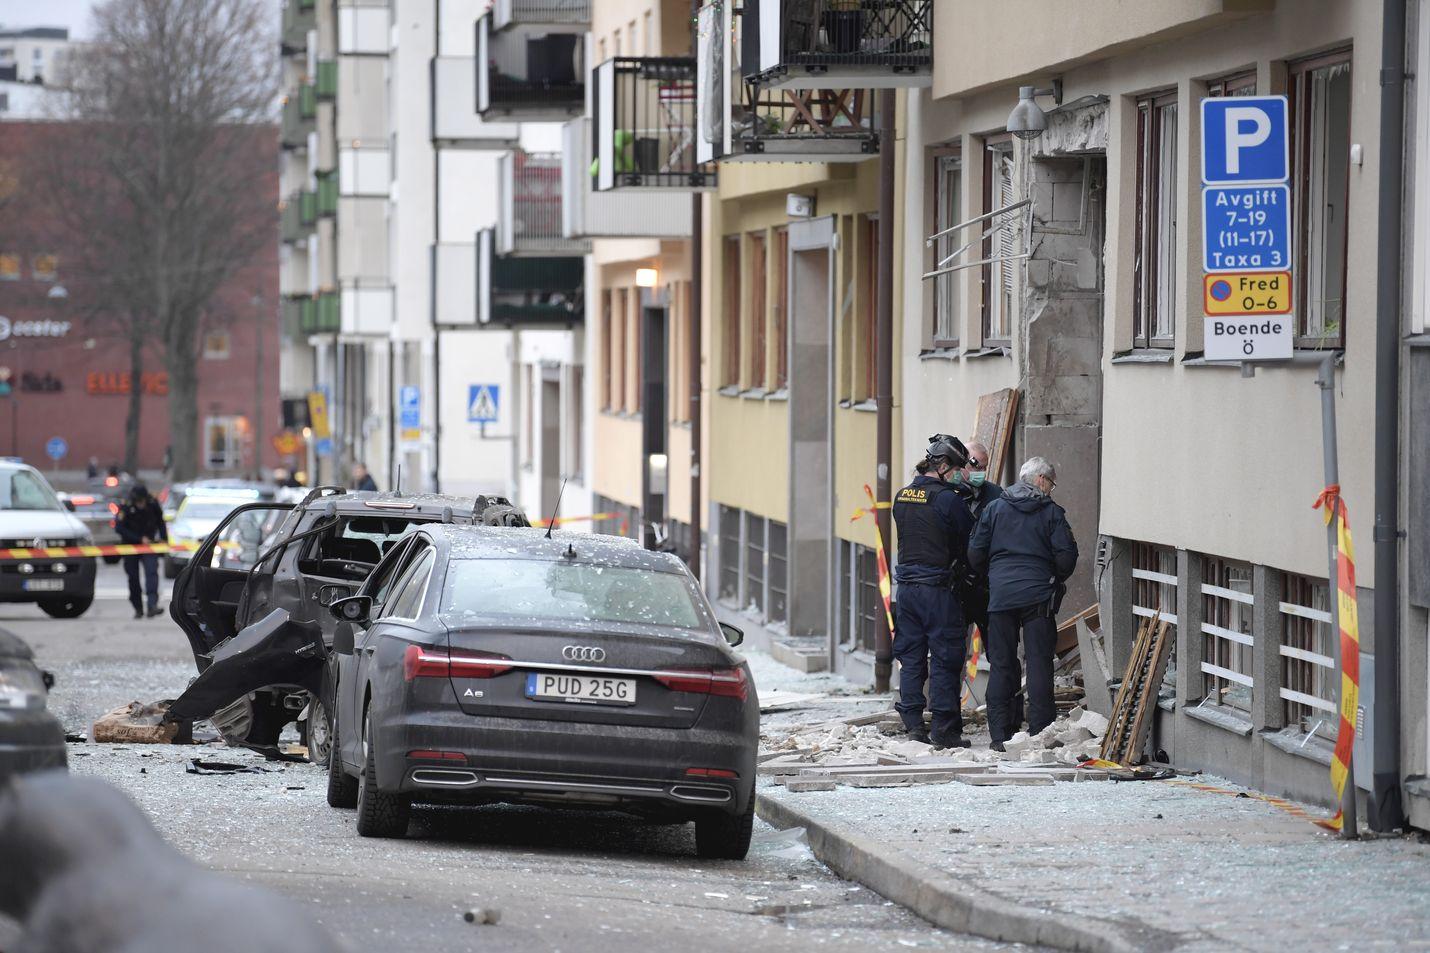 Poliisi tutki viikko sitten maanantaina Tukholman Östermalmilla tapahtunutta räjähdystä. Viime yönä kaupungin lähiöissä tapahtui kaksi peräkkäistä räjähdystä kerrostaloissa.